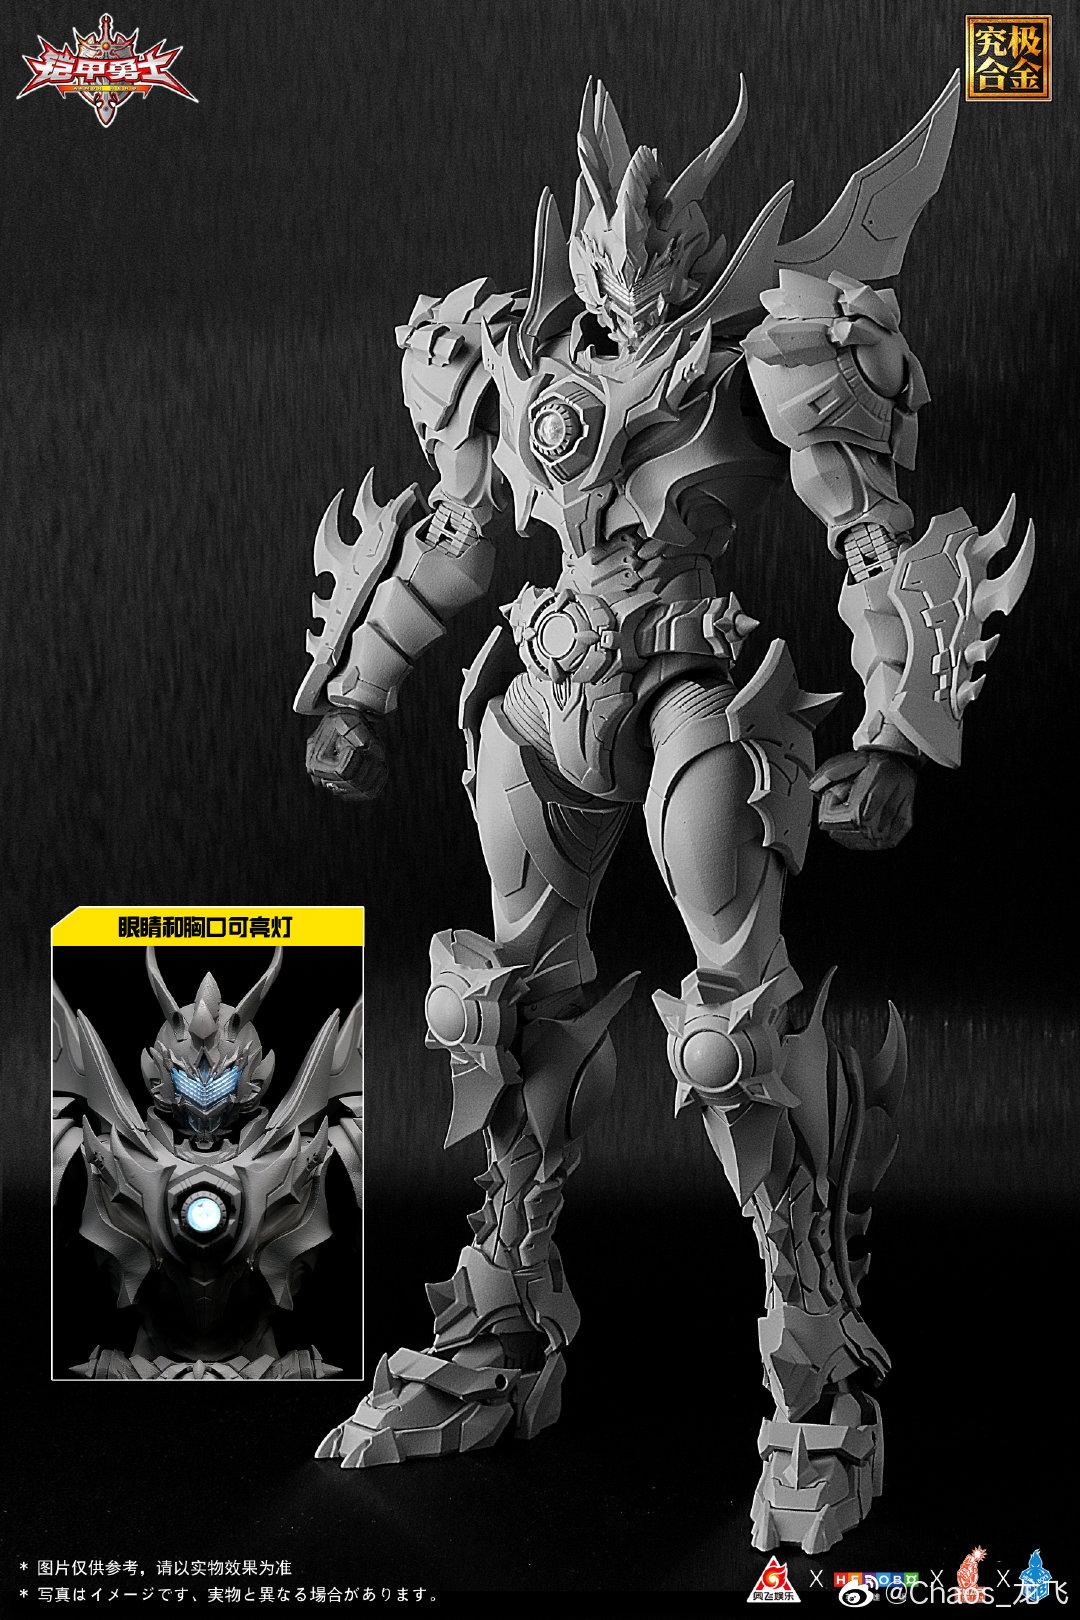 S536_snap_Armor_hero_Emperor_enryu_005.jpg